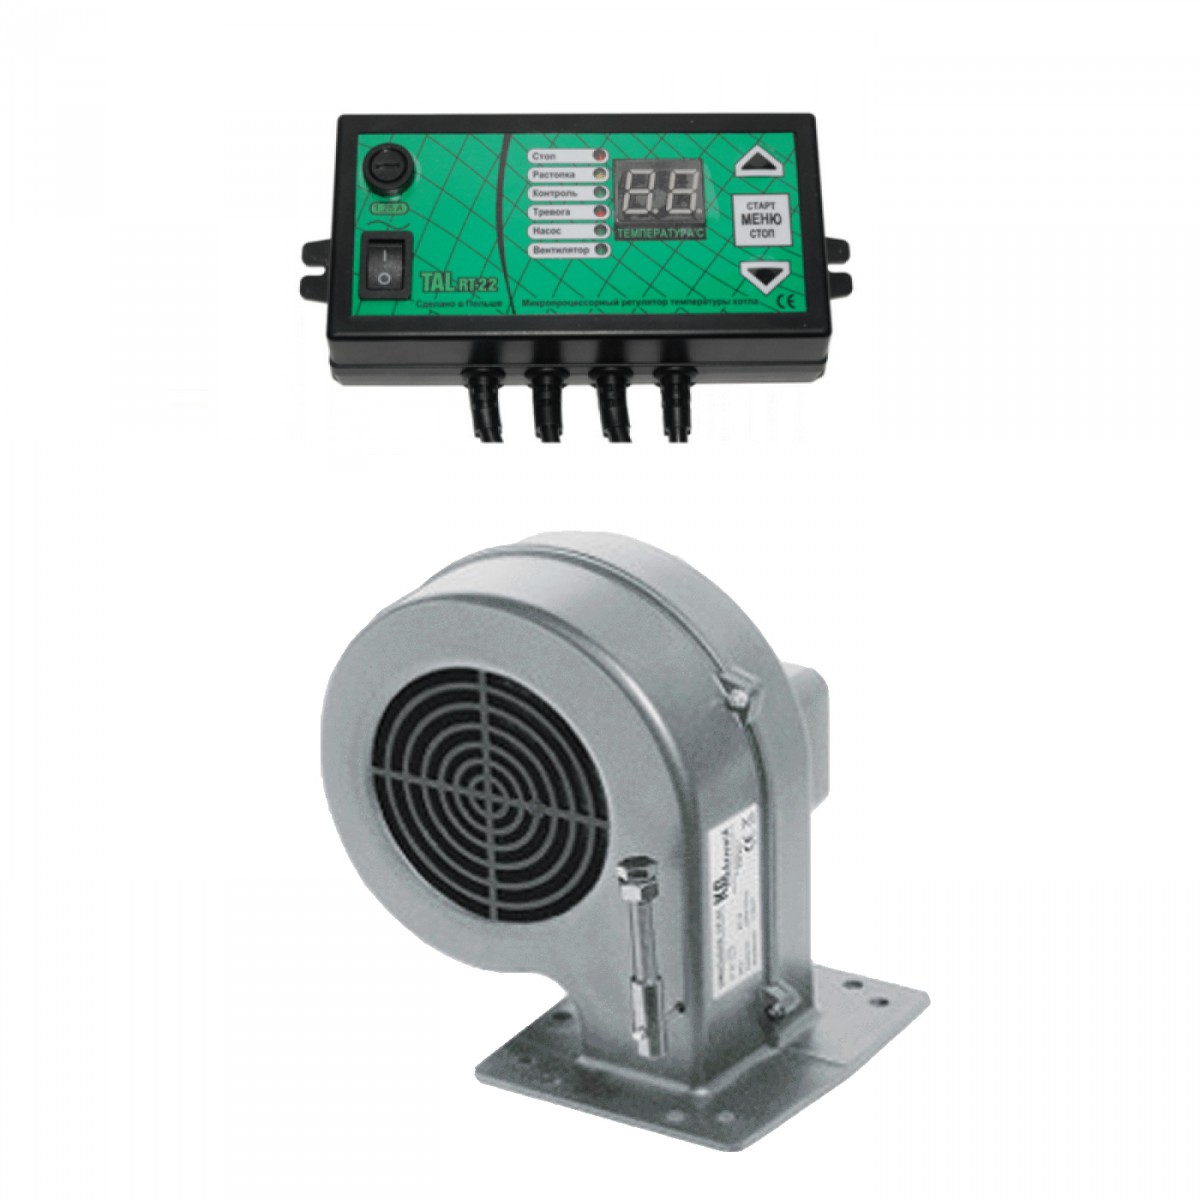 Комплект автоматики для котла RT-22 c вентилятором